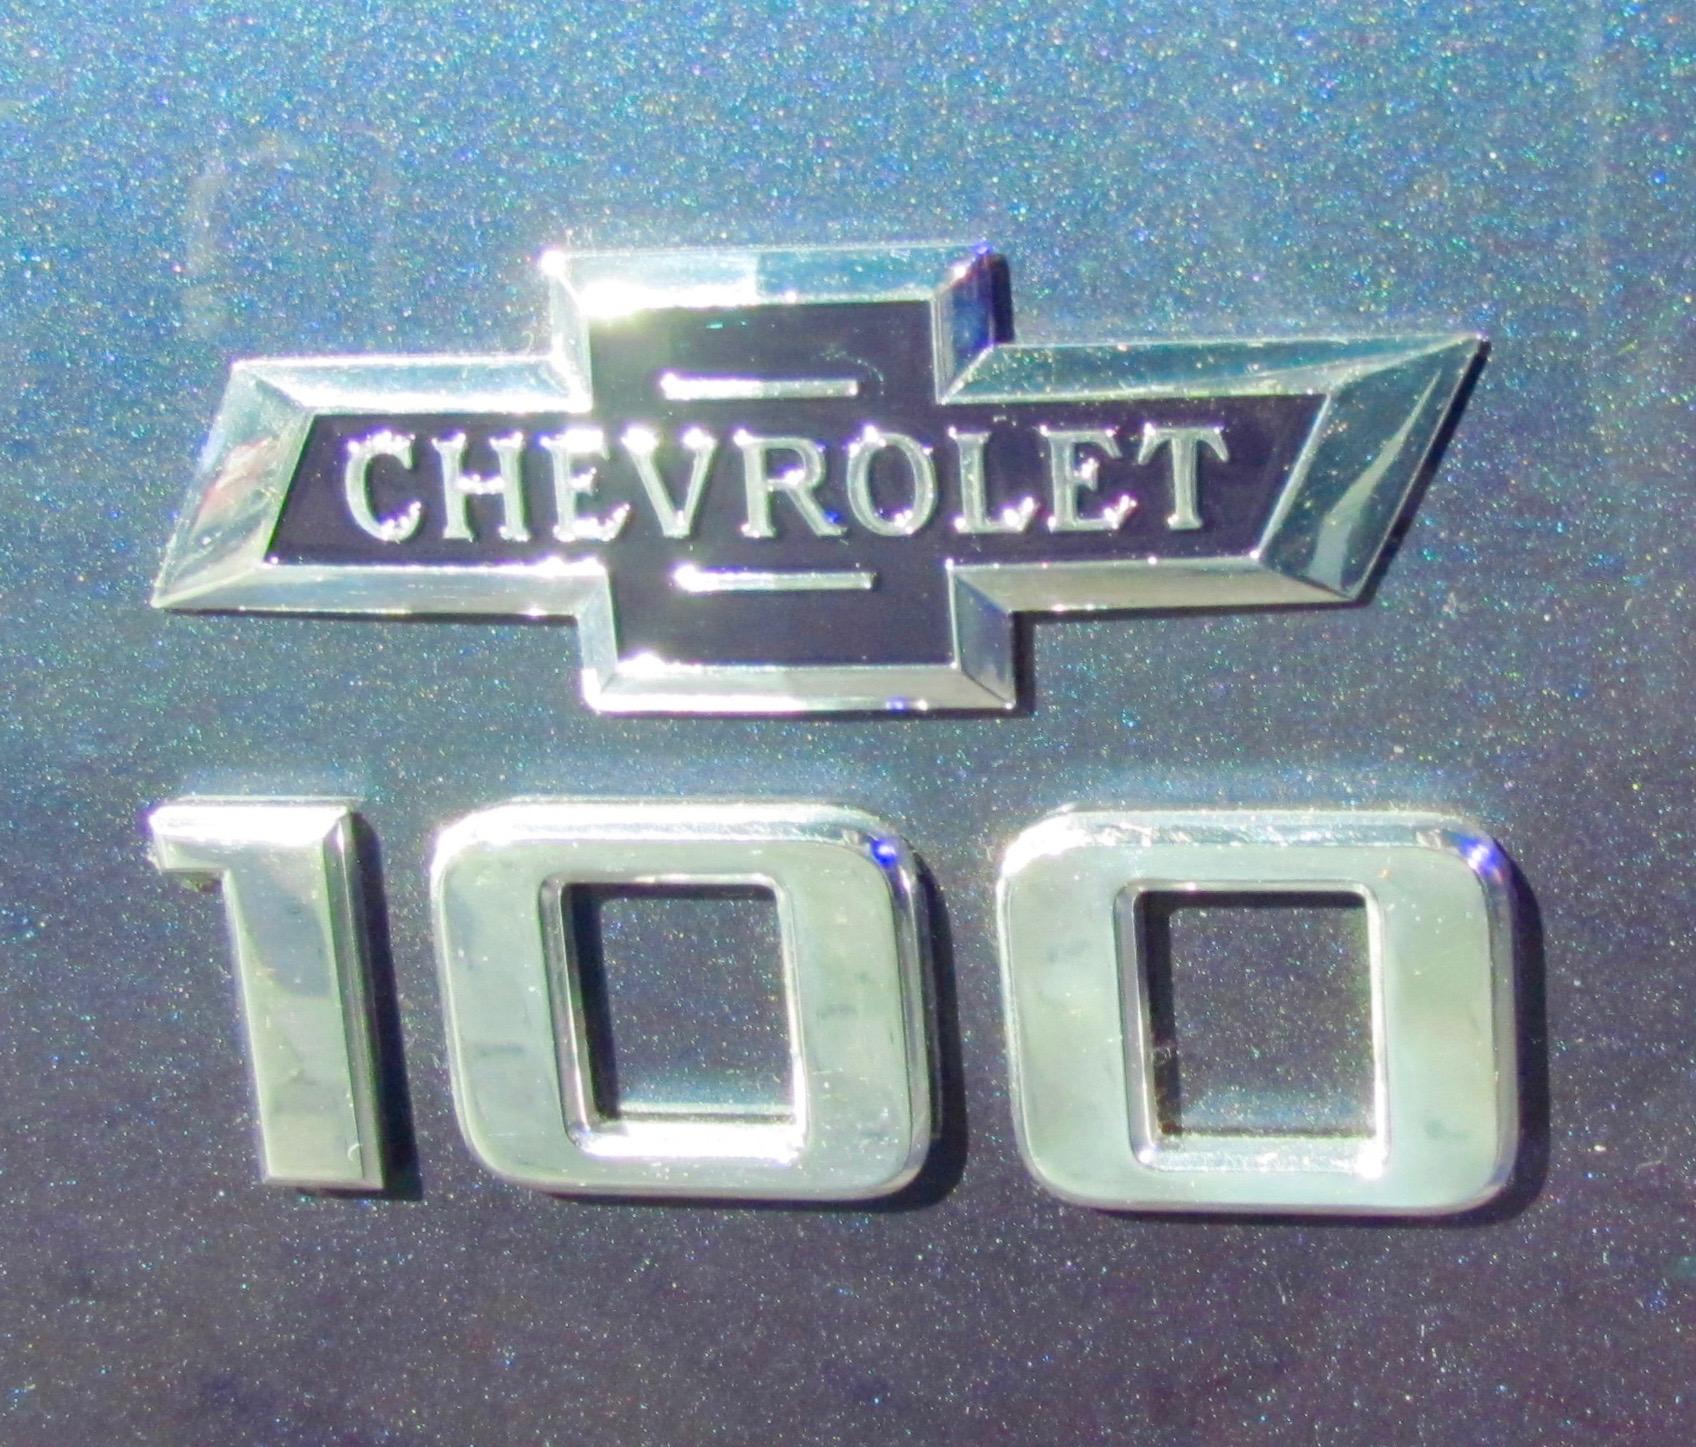 Chevrolet Centennial Emblem